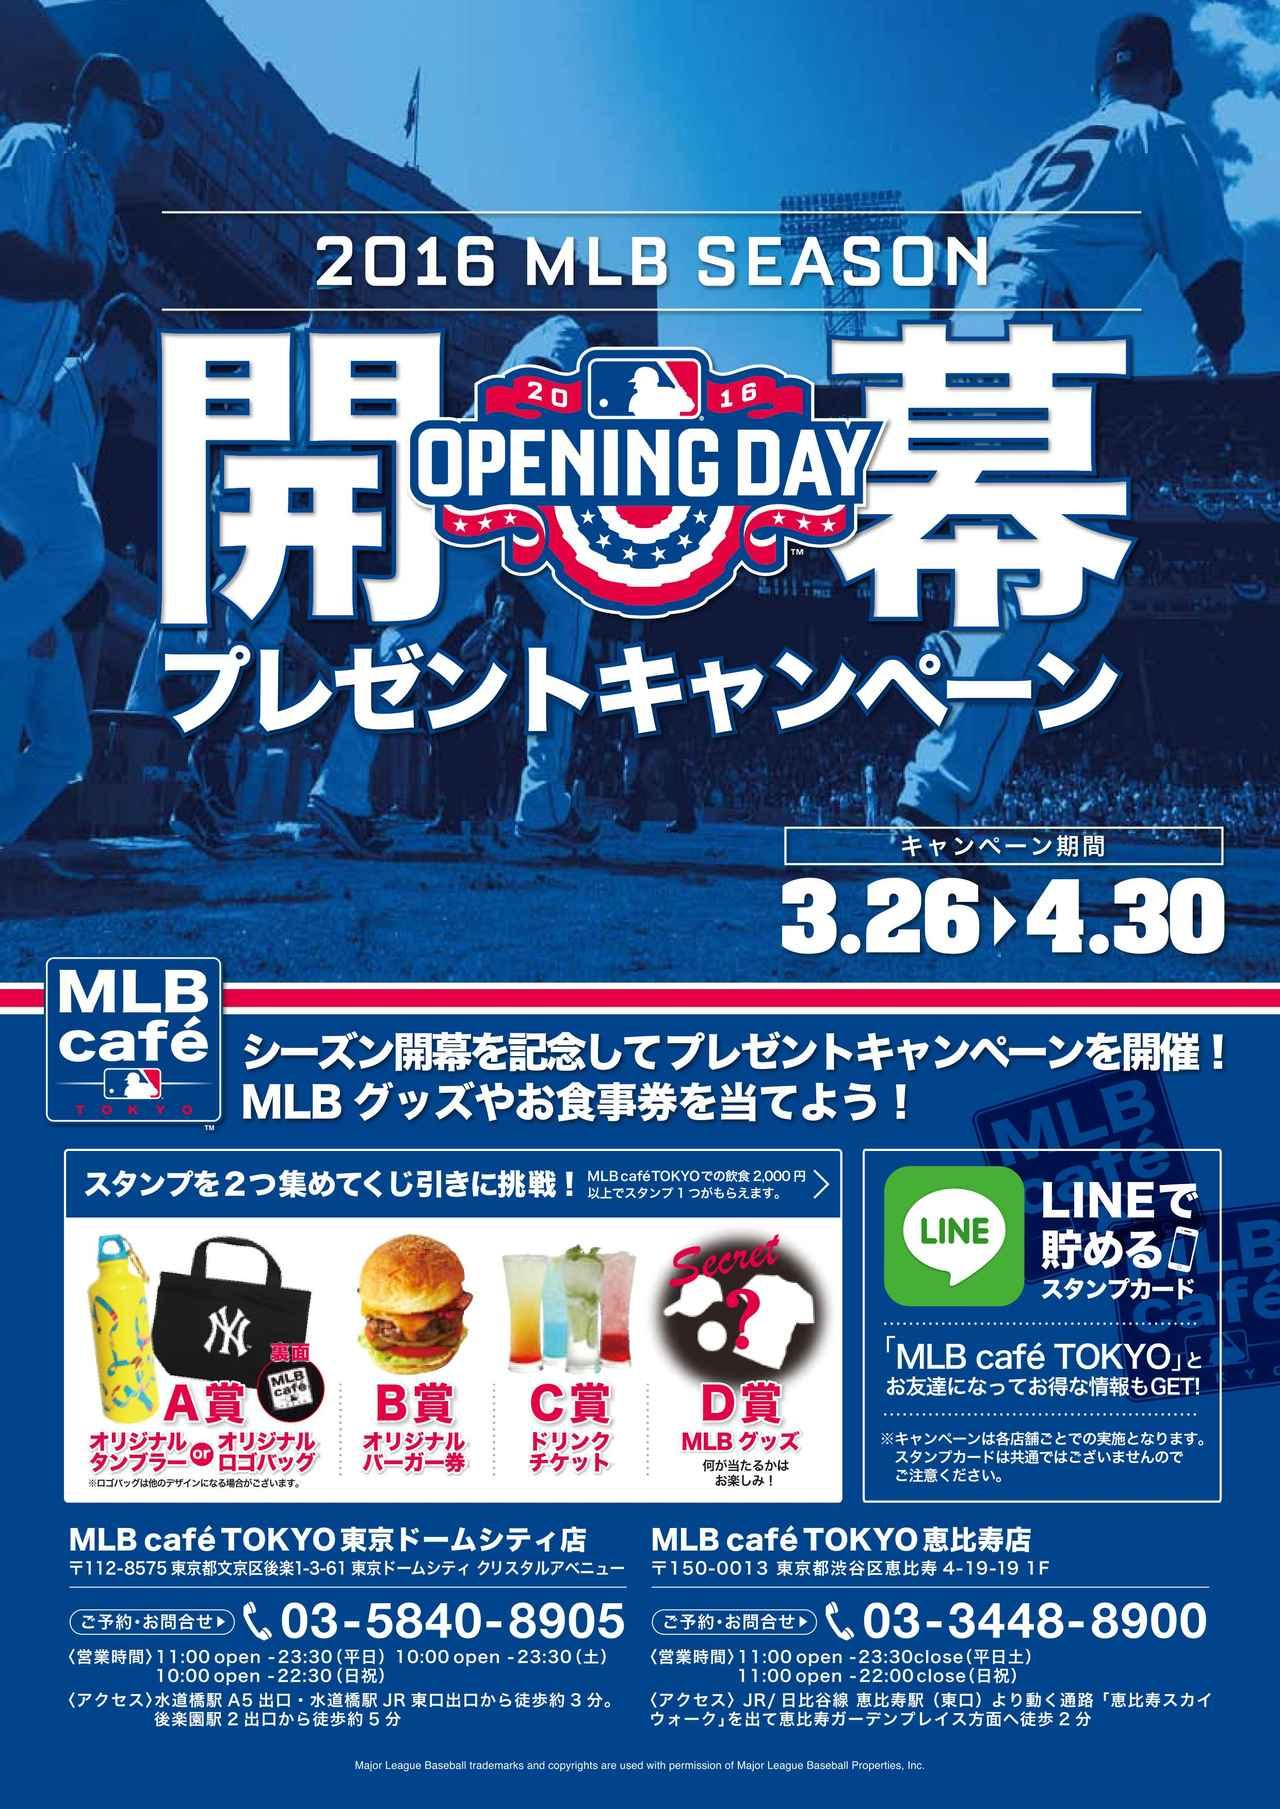 画像: MLB cafe' TOKYOにて開幕キャンペーン3月26日~開催 MLB cafe TOKYO 恵比寿・新宿 スポーツバー カフェ&レストラン